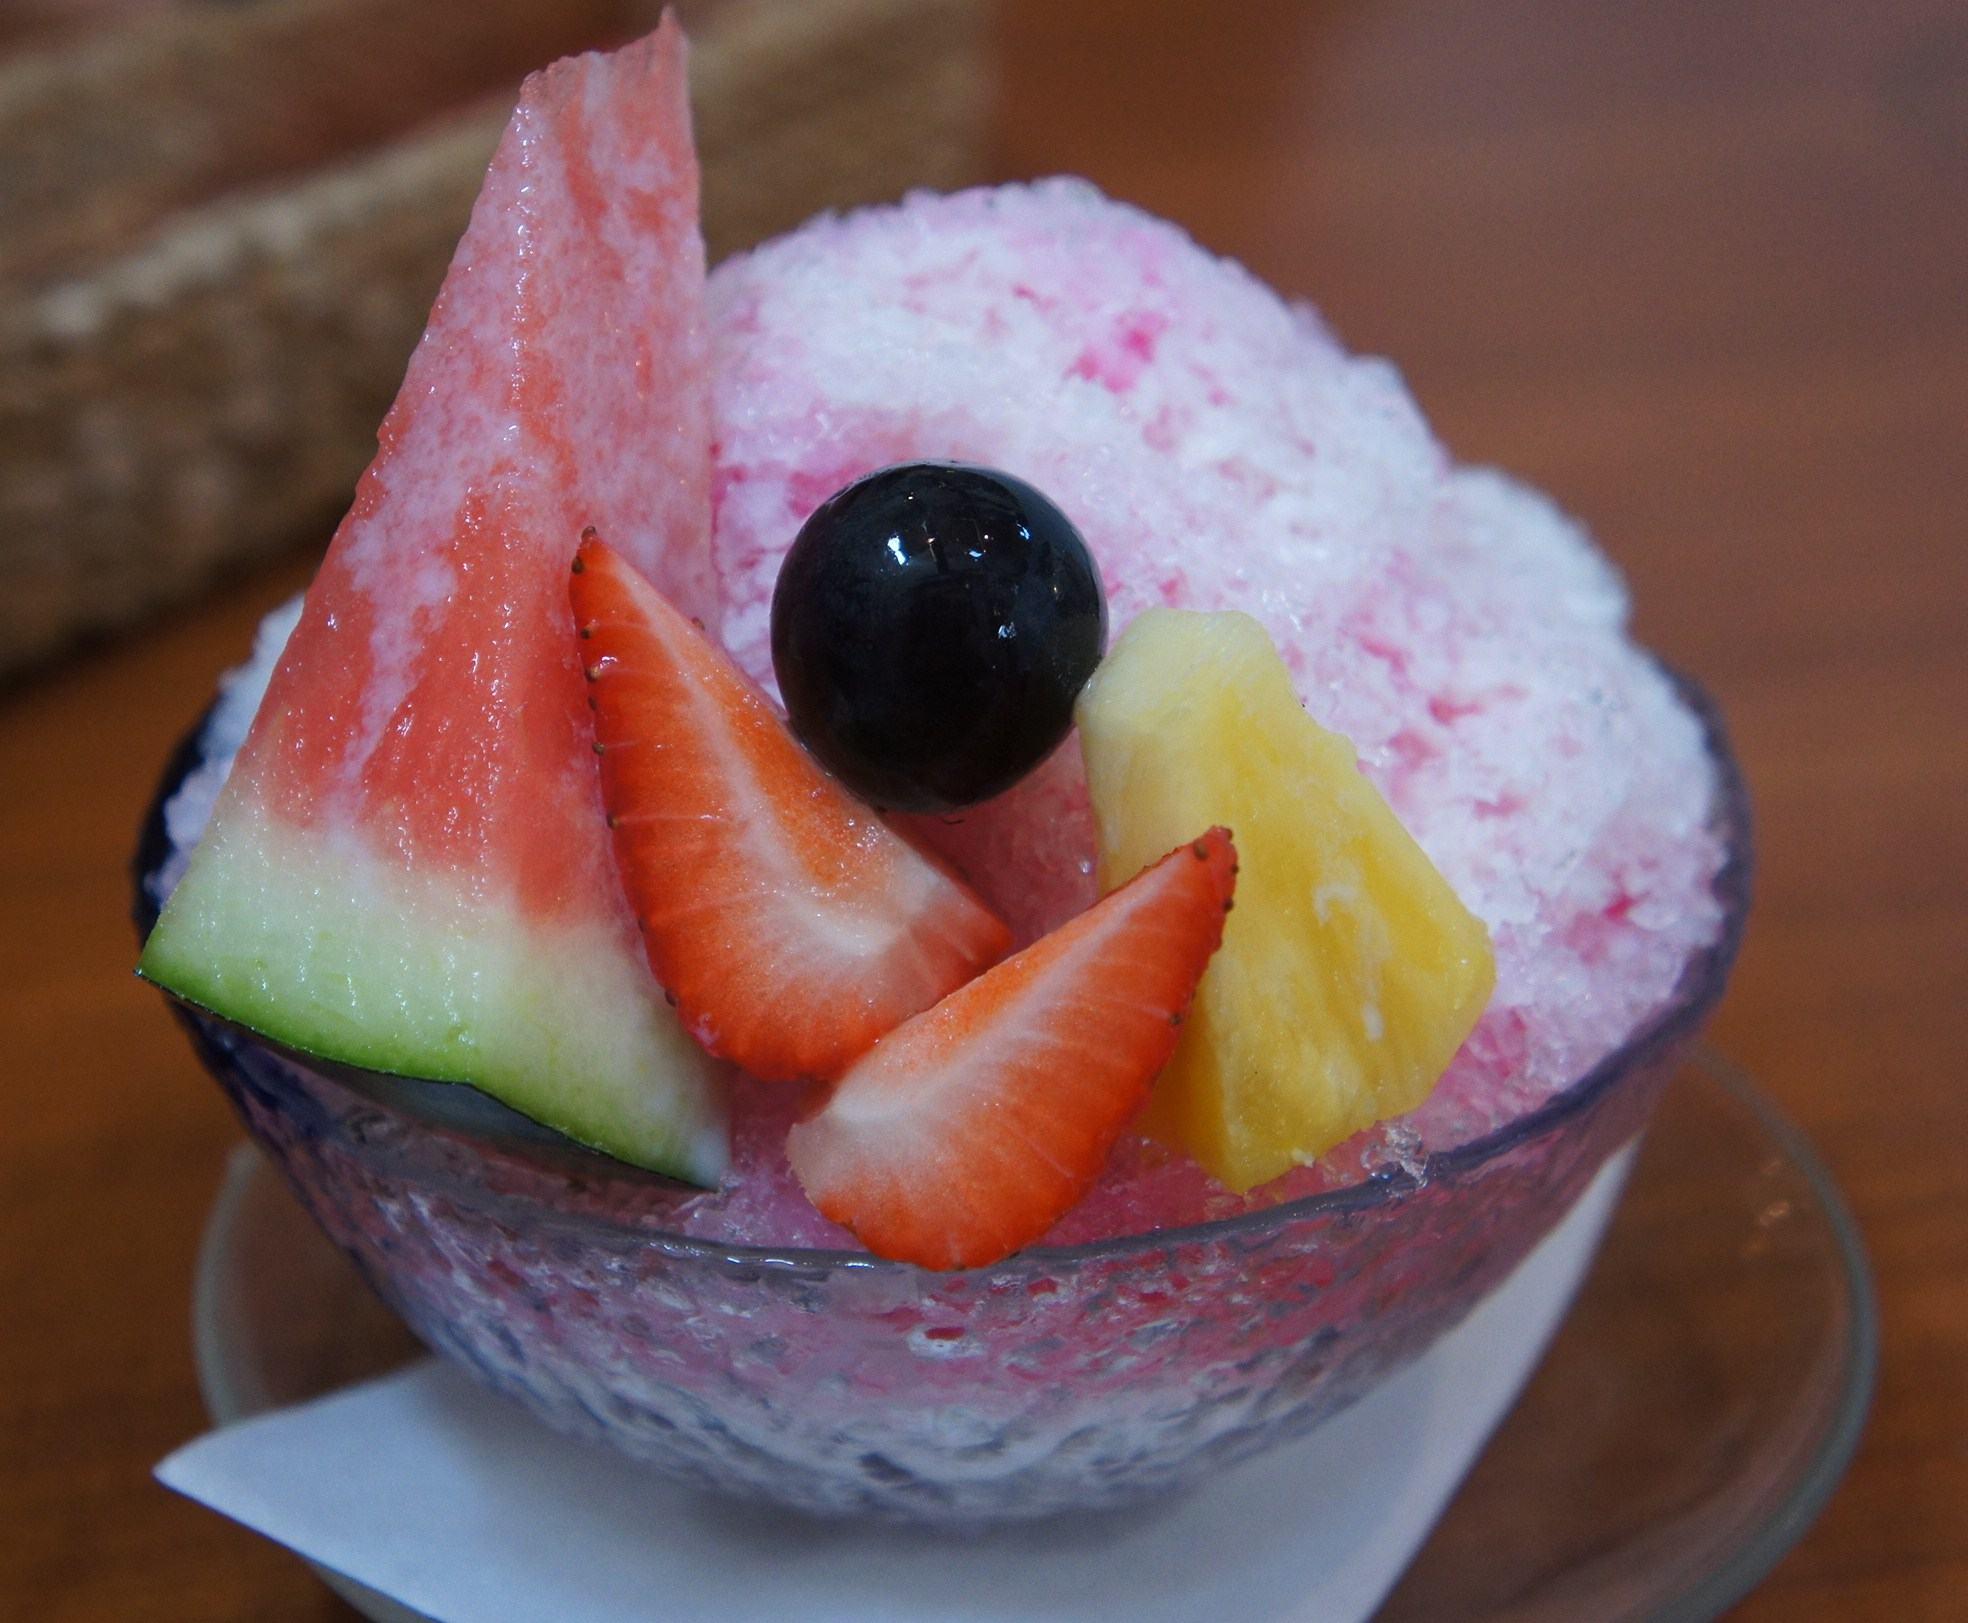 暑い日にクールな水分補給! 果物屋さん「アローツリー」のあまおうかき氷